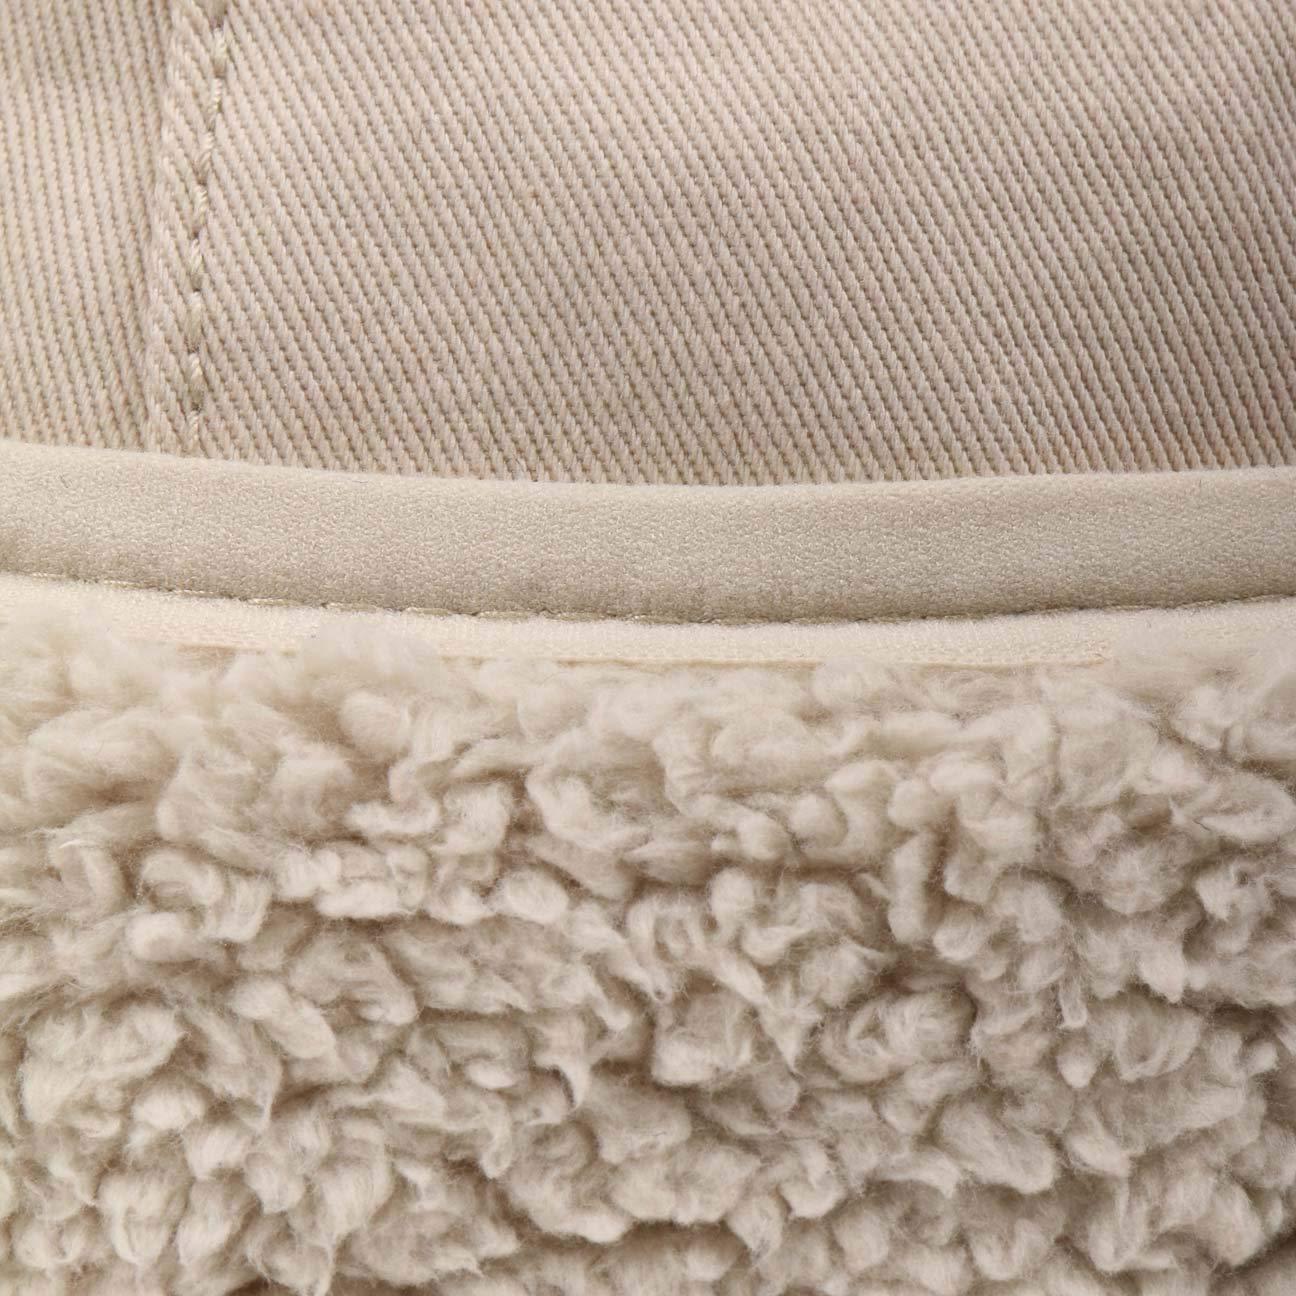 The North Face Campshire Earlap Cap Peyote Beige LXL  Amazon.it   Abbigliamento 6b70084d4cd7